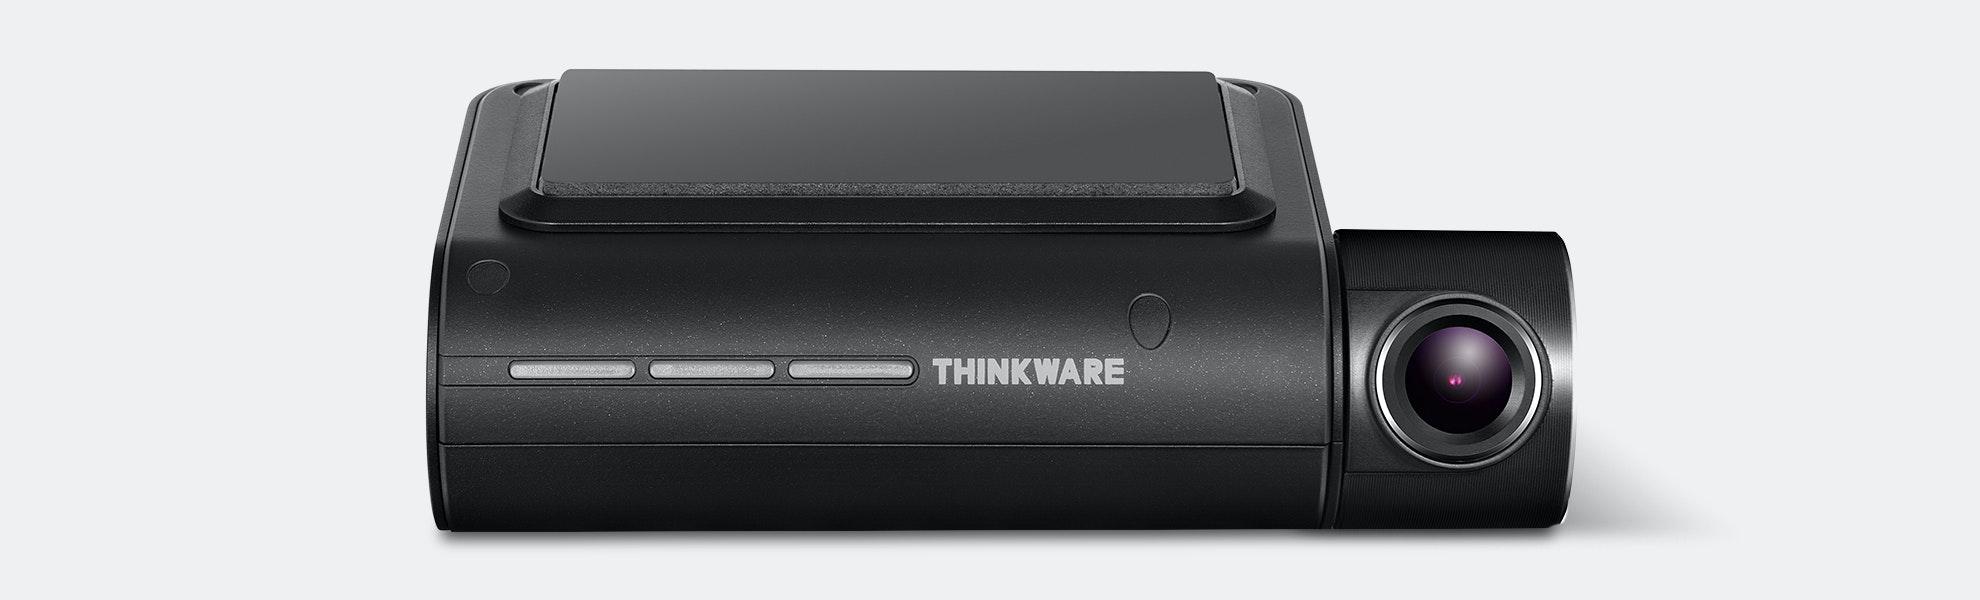 Thinkware F800 Pro 1CH / 2CH Dash Cam w/ 32GB Card